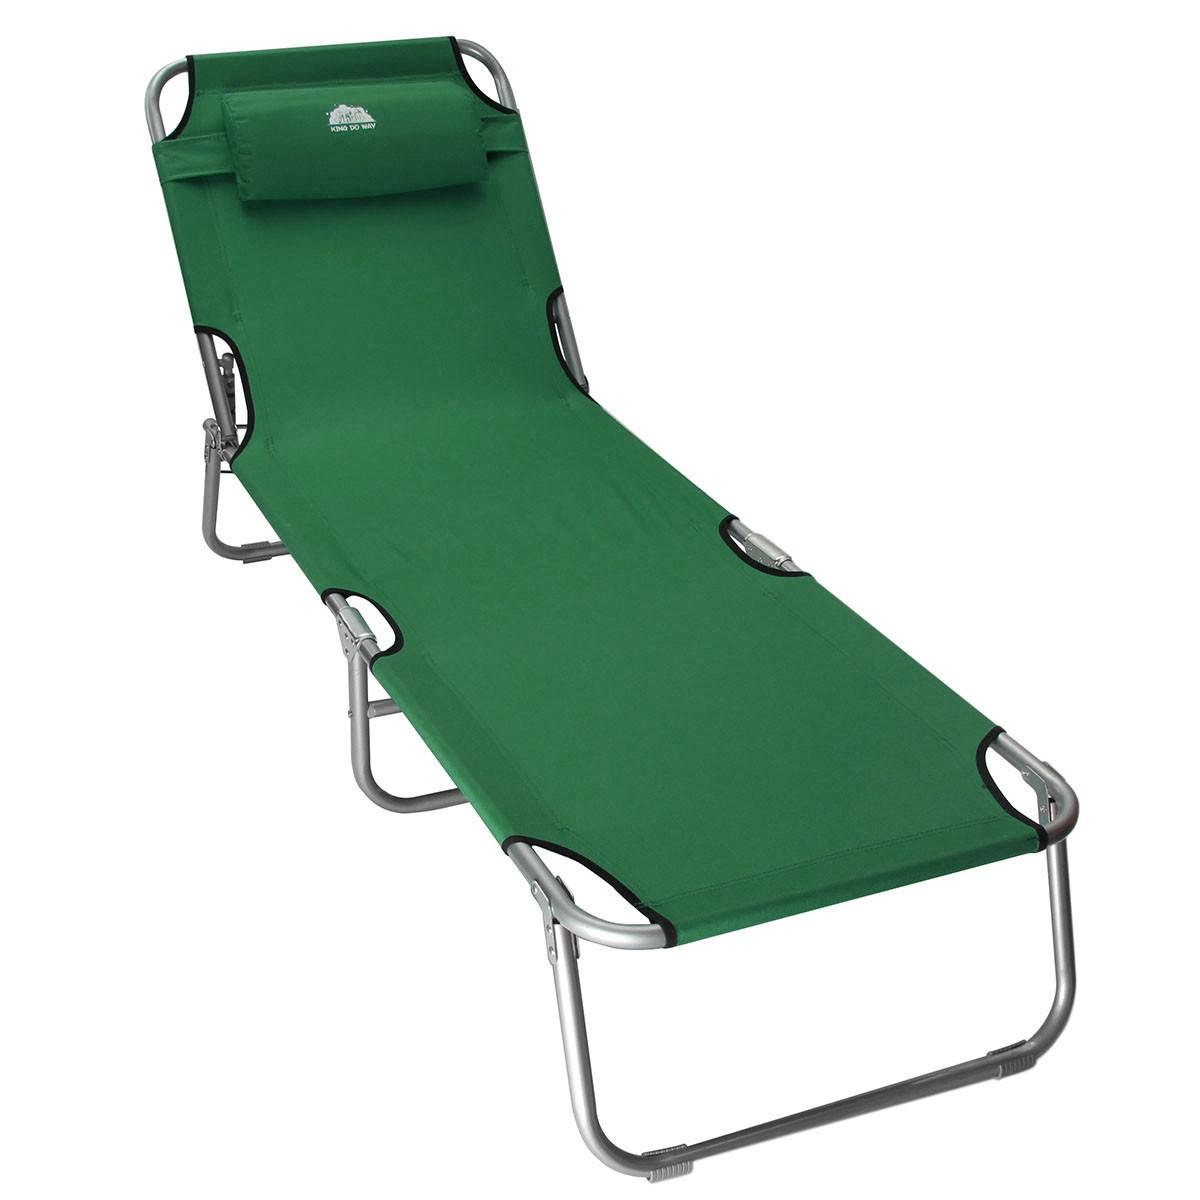 Sun Lounger Folding Recliner Chair Portable Reclining Garden